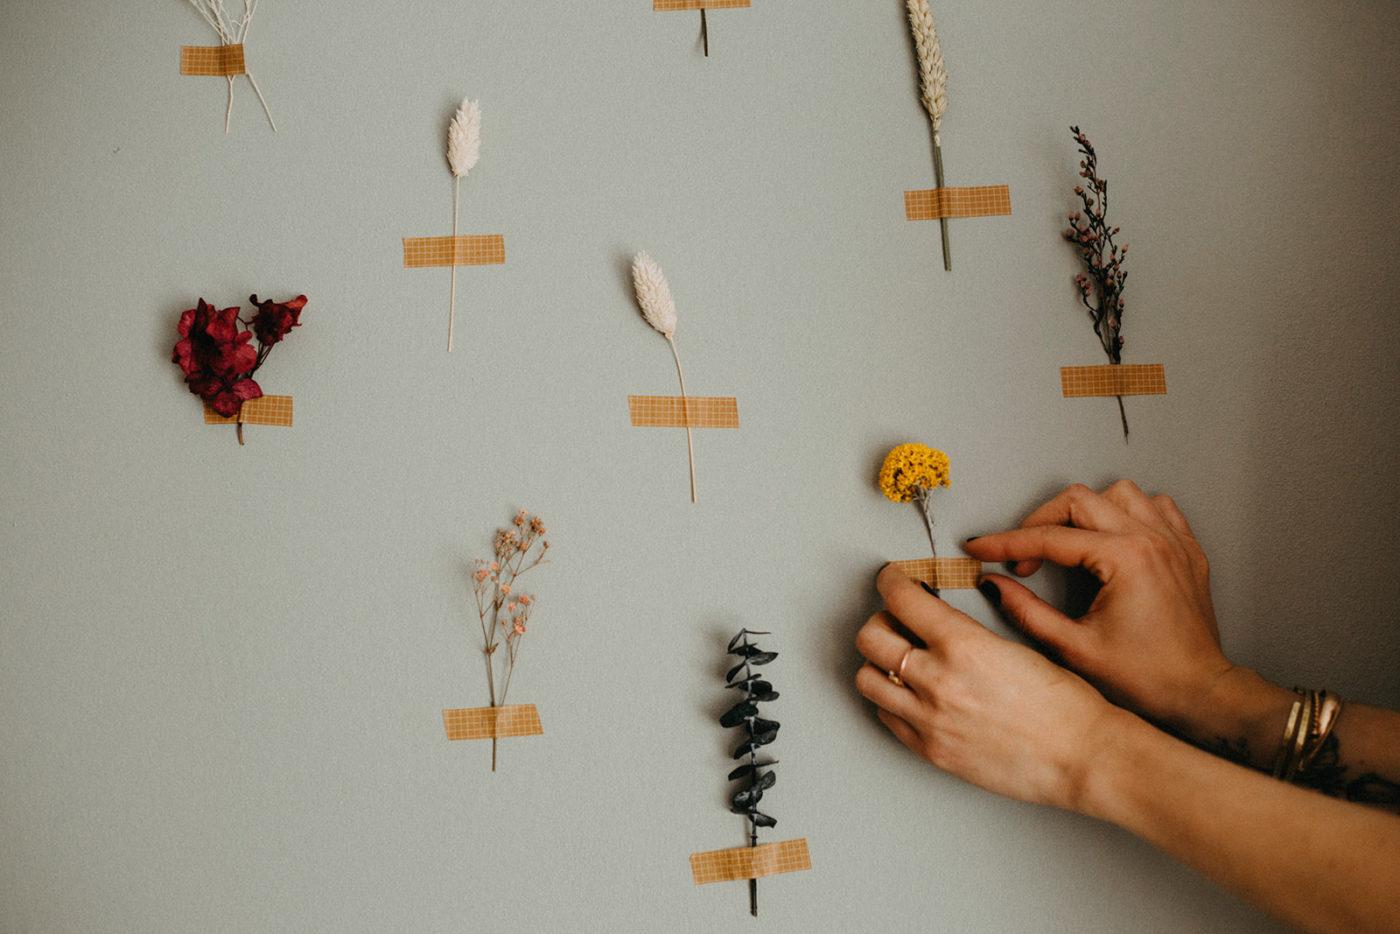 décoration florale murale atelier hosta fleurs séchées tendance